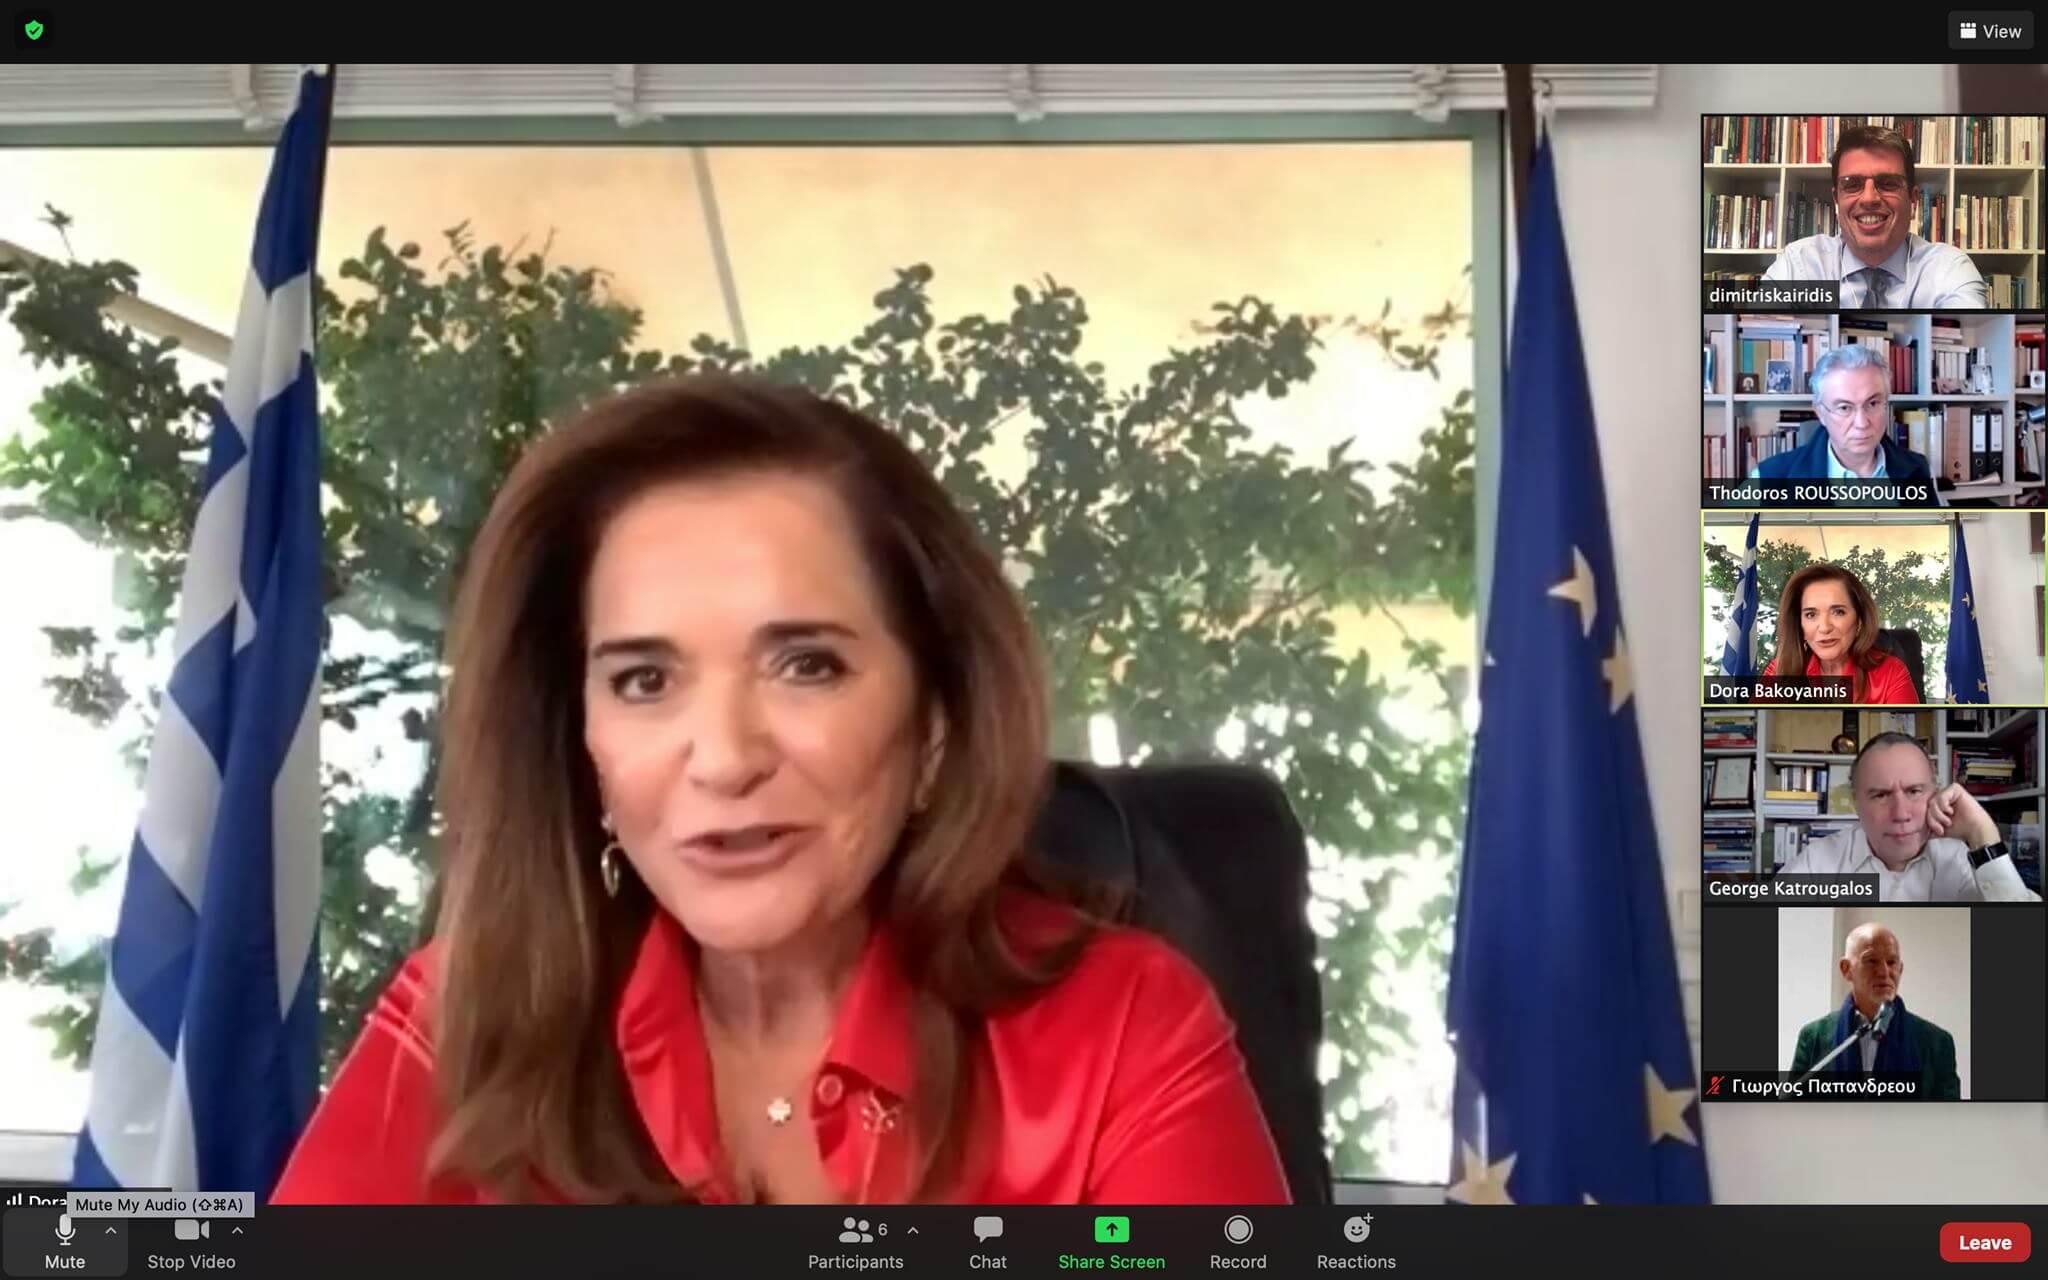 Συνεδρίαση του Προεδρείου της Διακομματικής Επιτροπής για την Ανάπτυξη της Θράκης